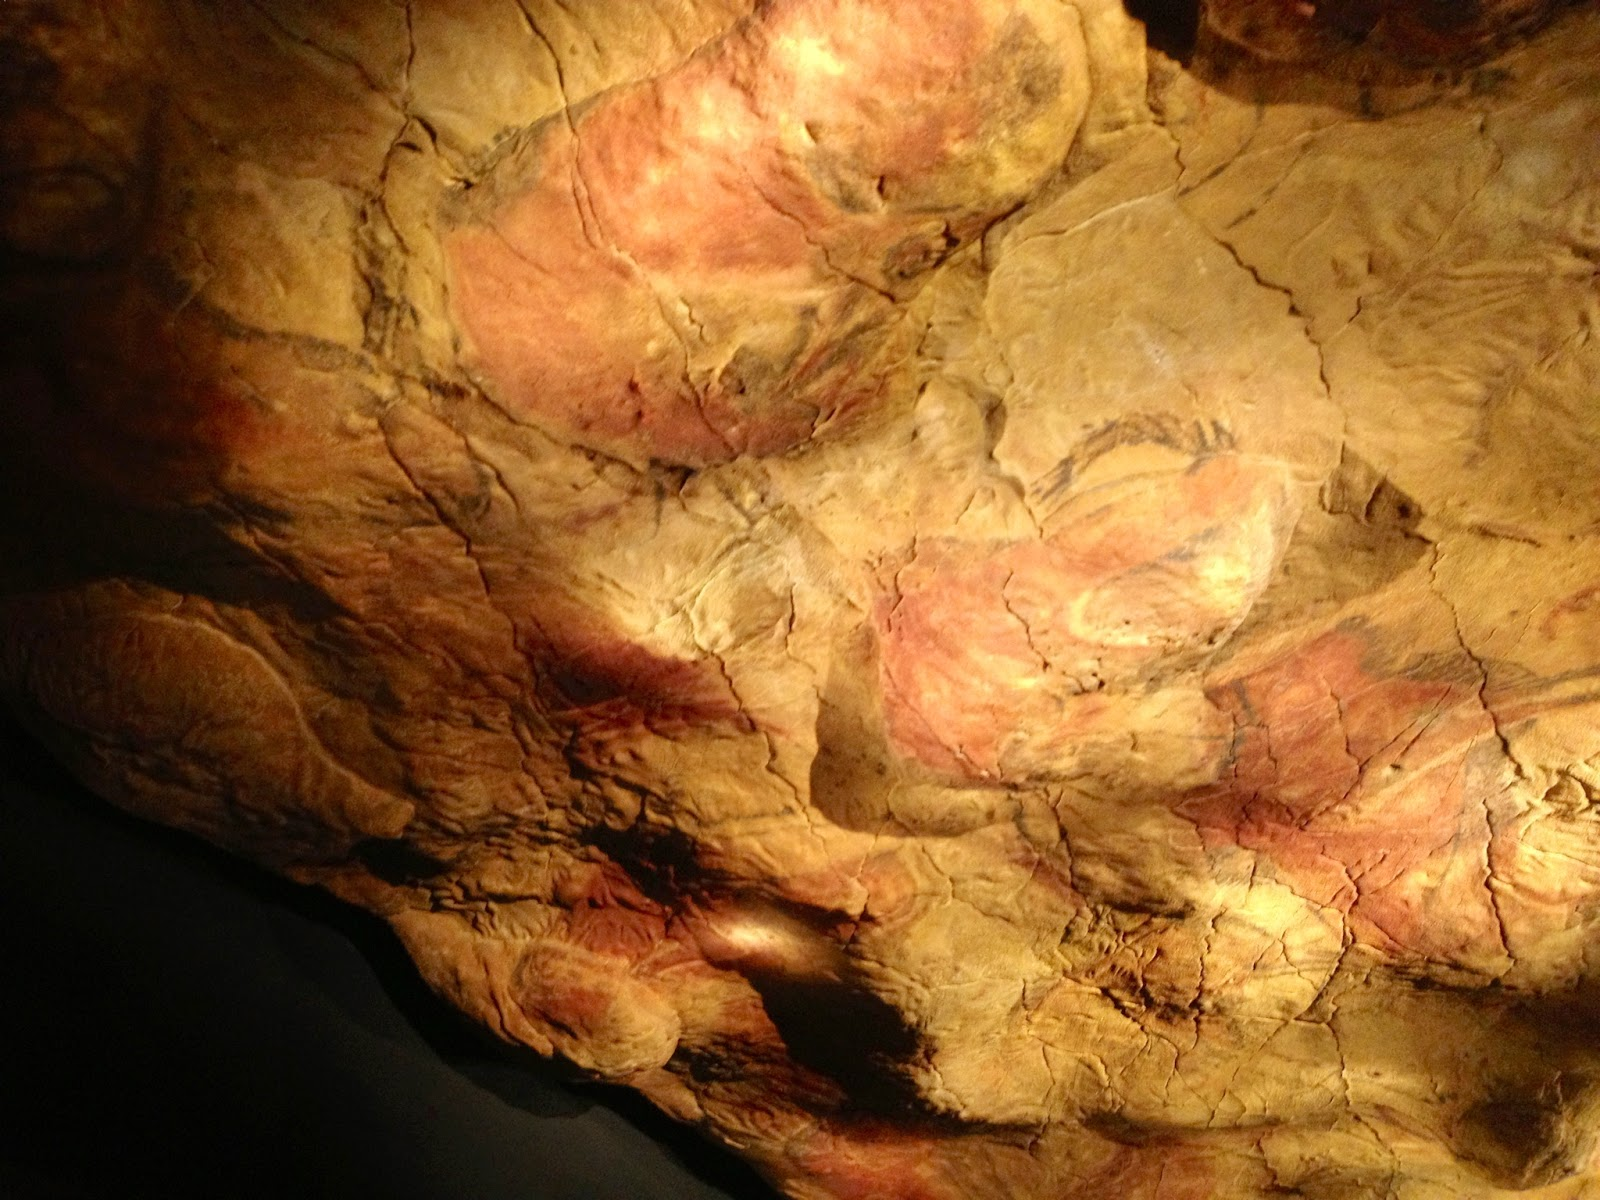 Reproducción de la Cueva de Altamira - Altamira - Capilla Sixtina Paleolítico - Museo Arqueológico Nacional - MAN - Madrid el troblogdita